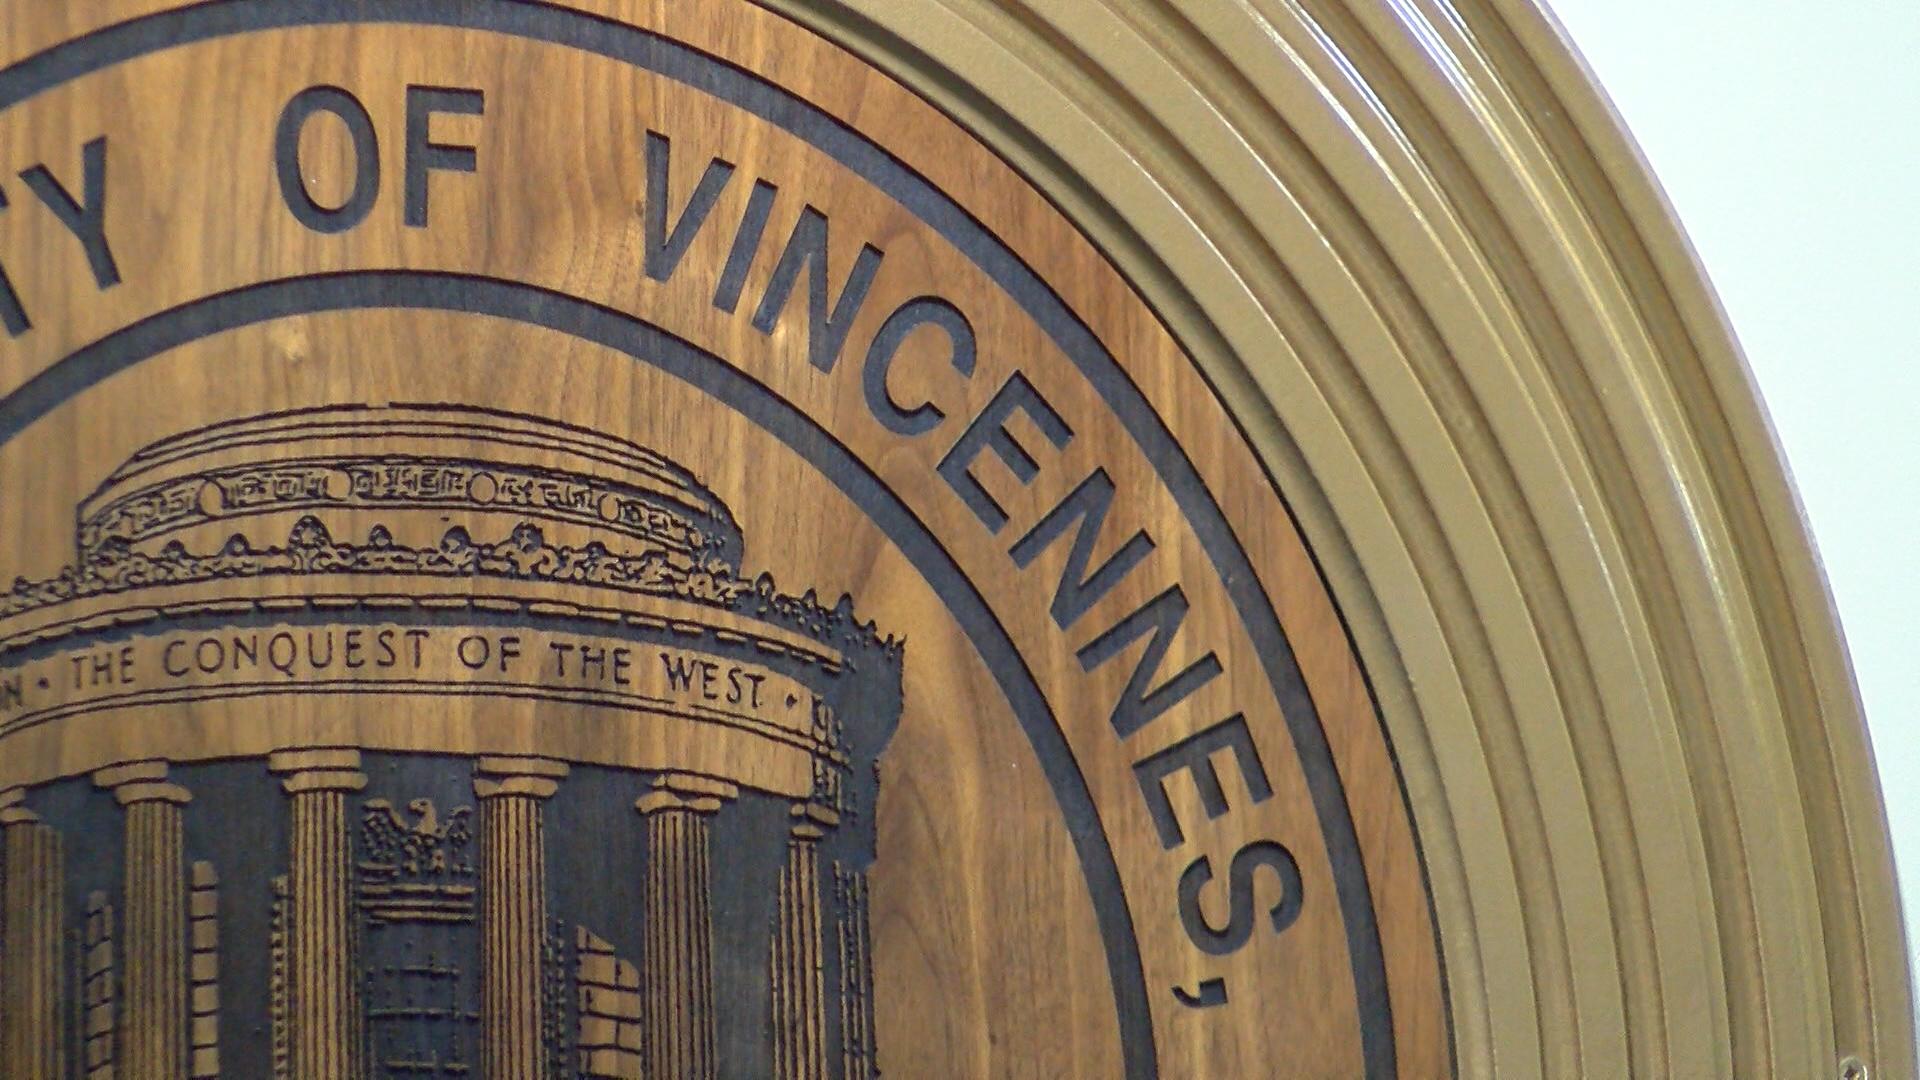 vincennes historic sign_1481852798936.jpg